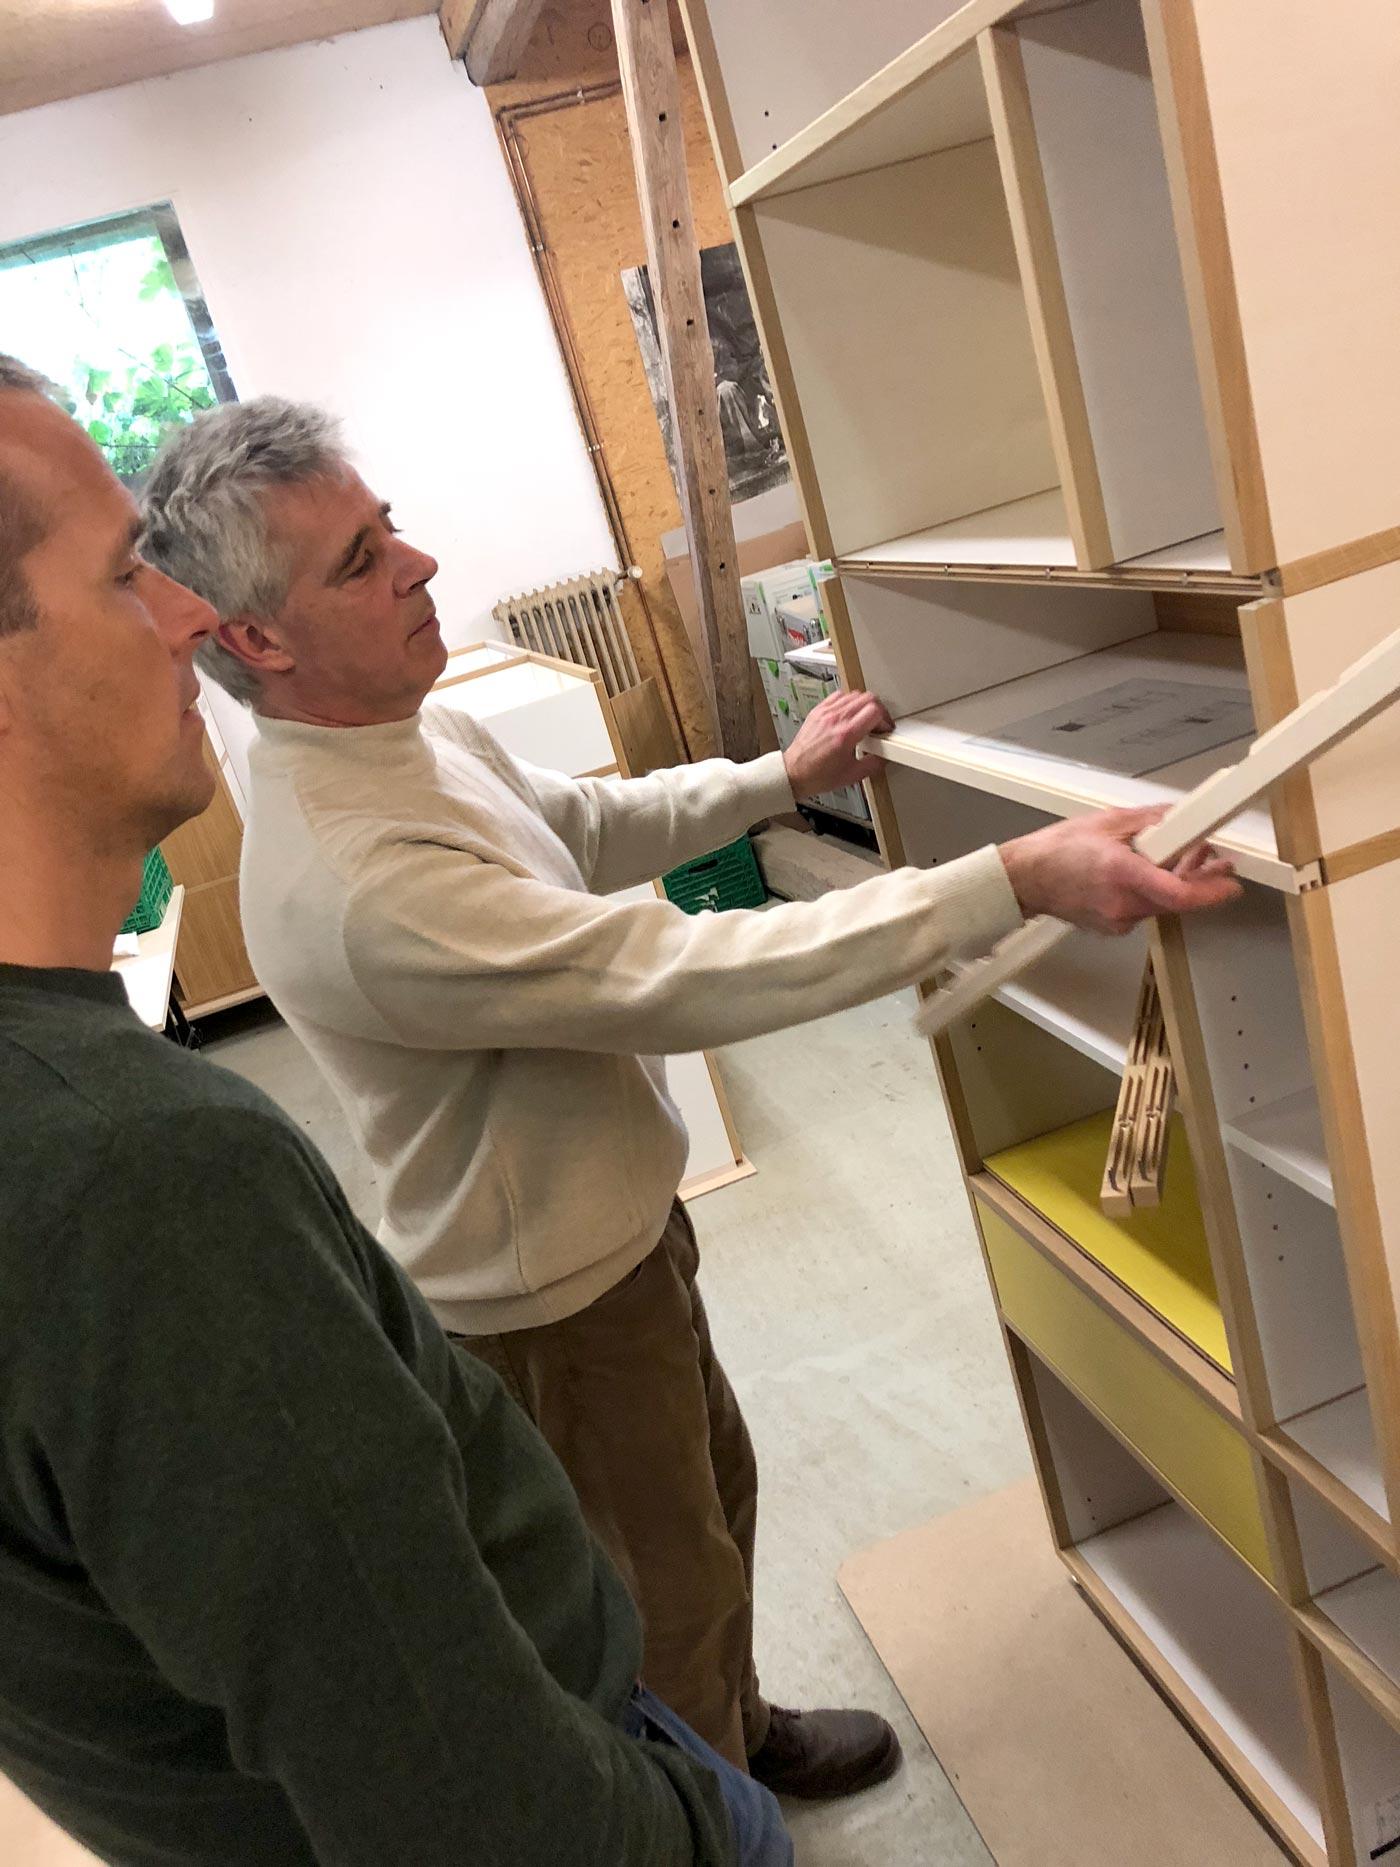 Möbelsystem aus Holz und Magneten